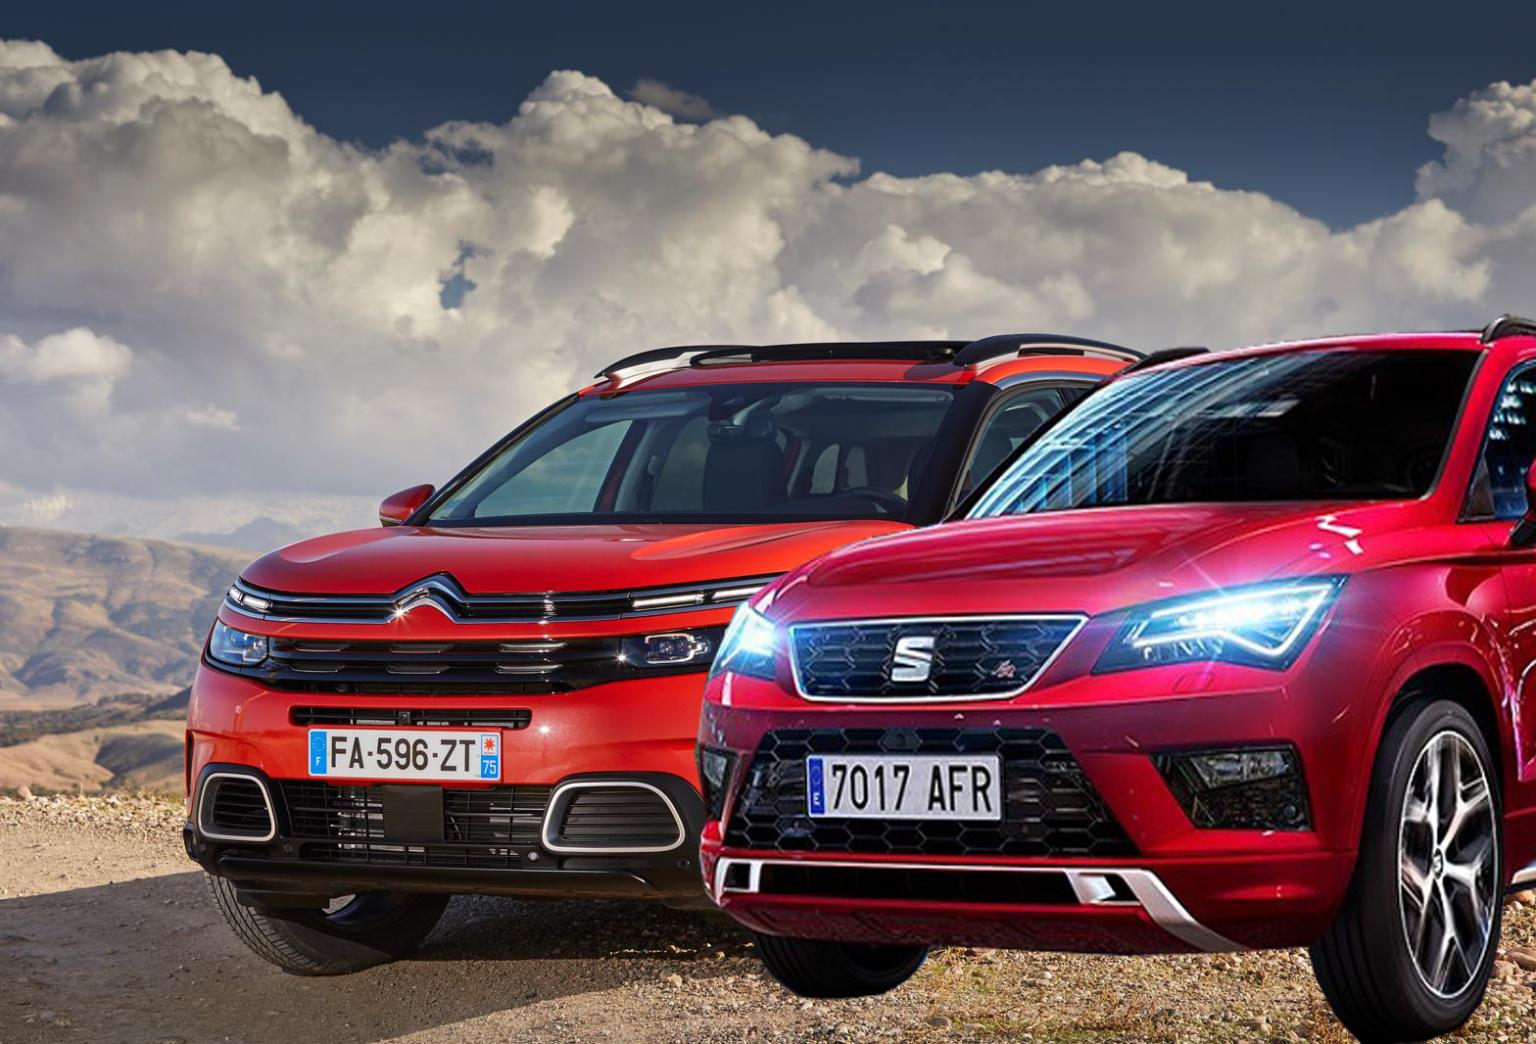 مقارنة بين سيتروين C5 إير كروس وسيات أتيكا منافسة أوروبية راقية سوق بكر In 2020 Car Suv Car Bmw Car